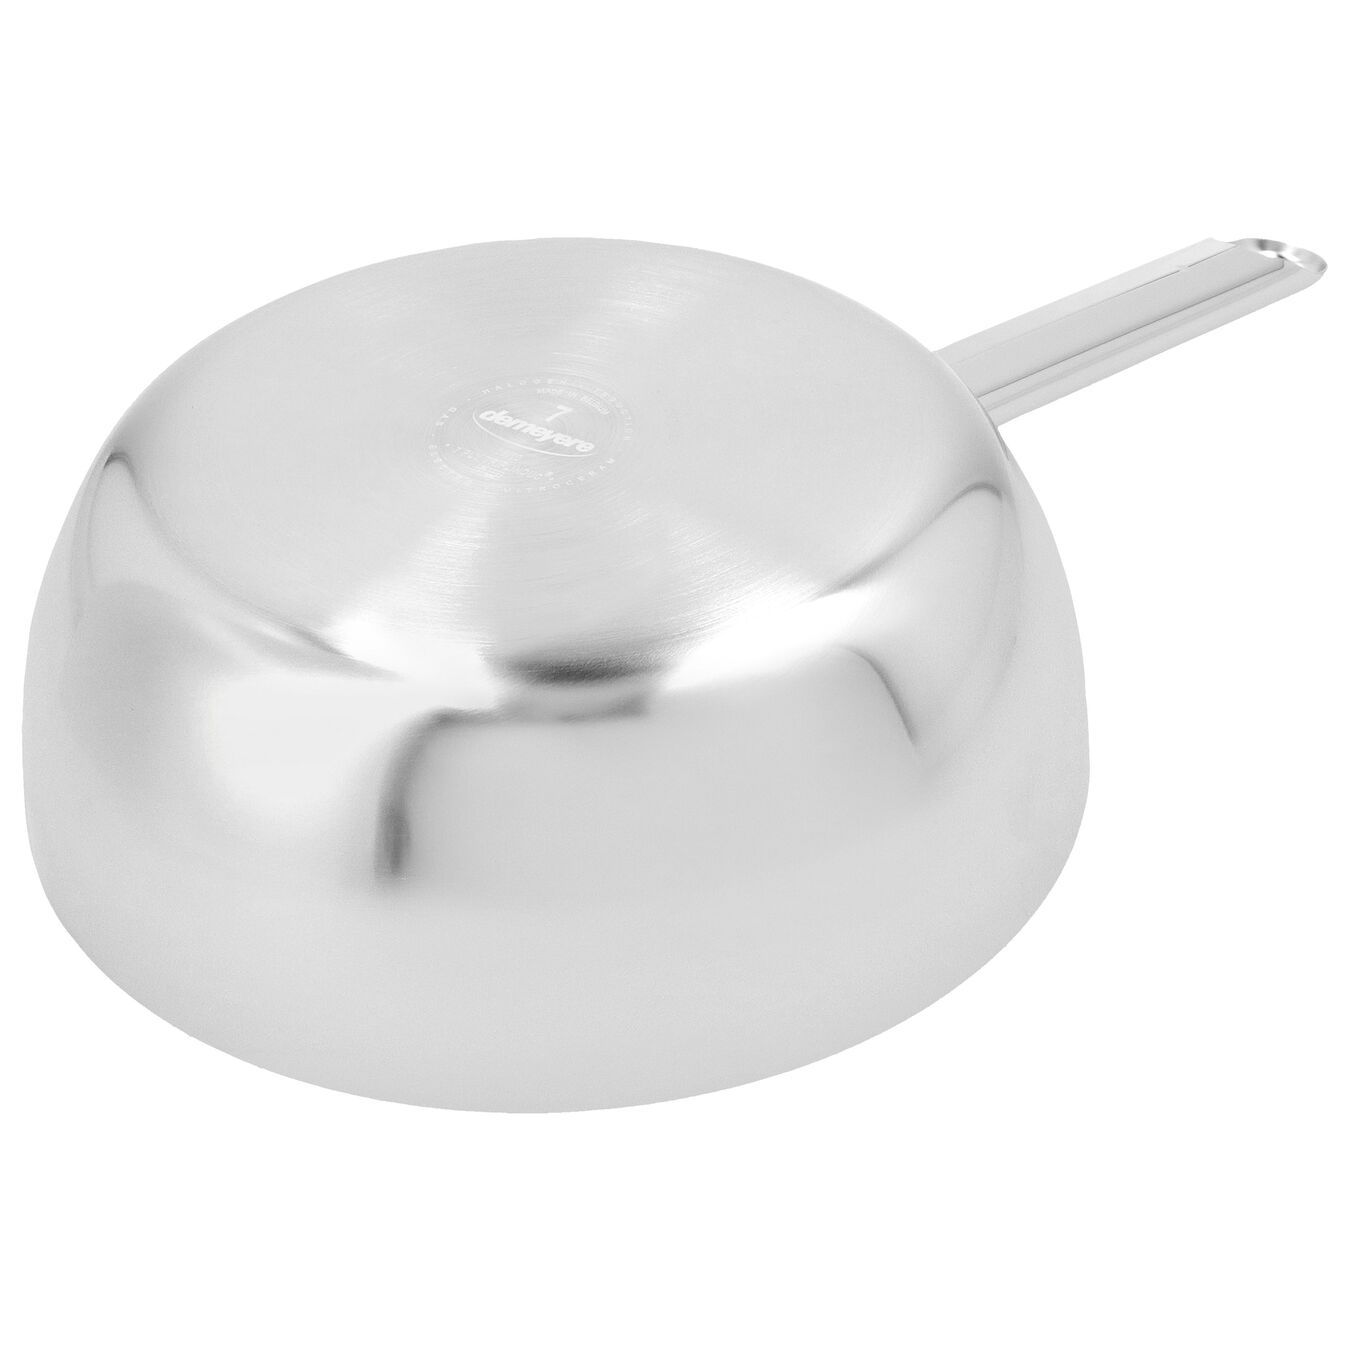 Casseruola conica - 20 cm, 18/10 acciaio inossidabile,,large 2